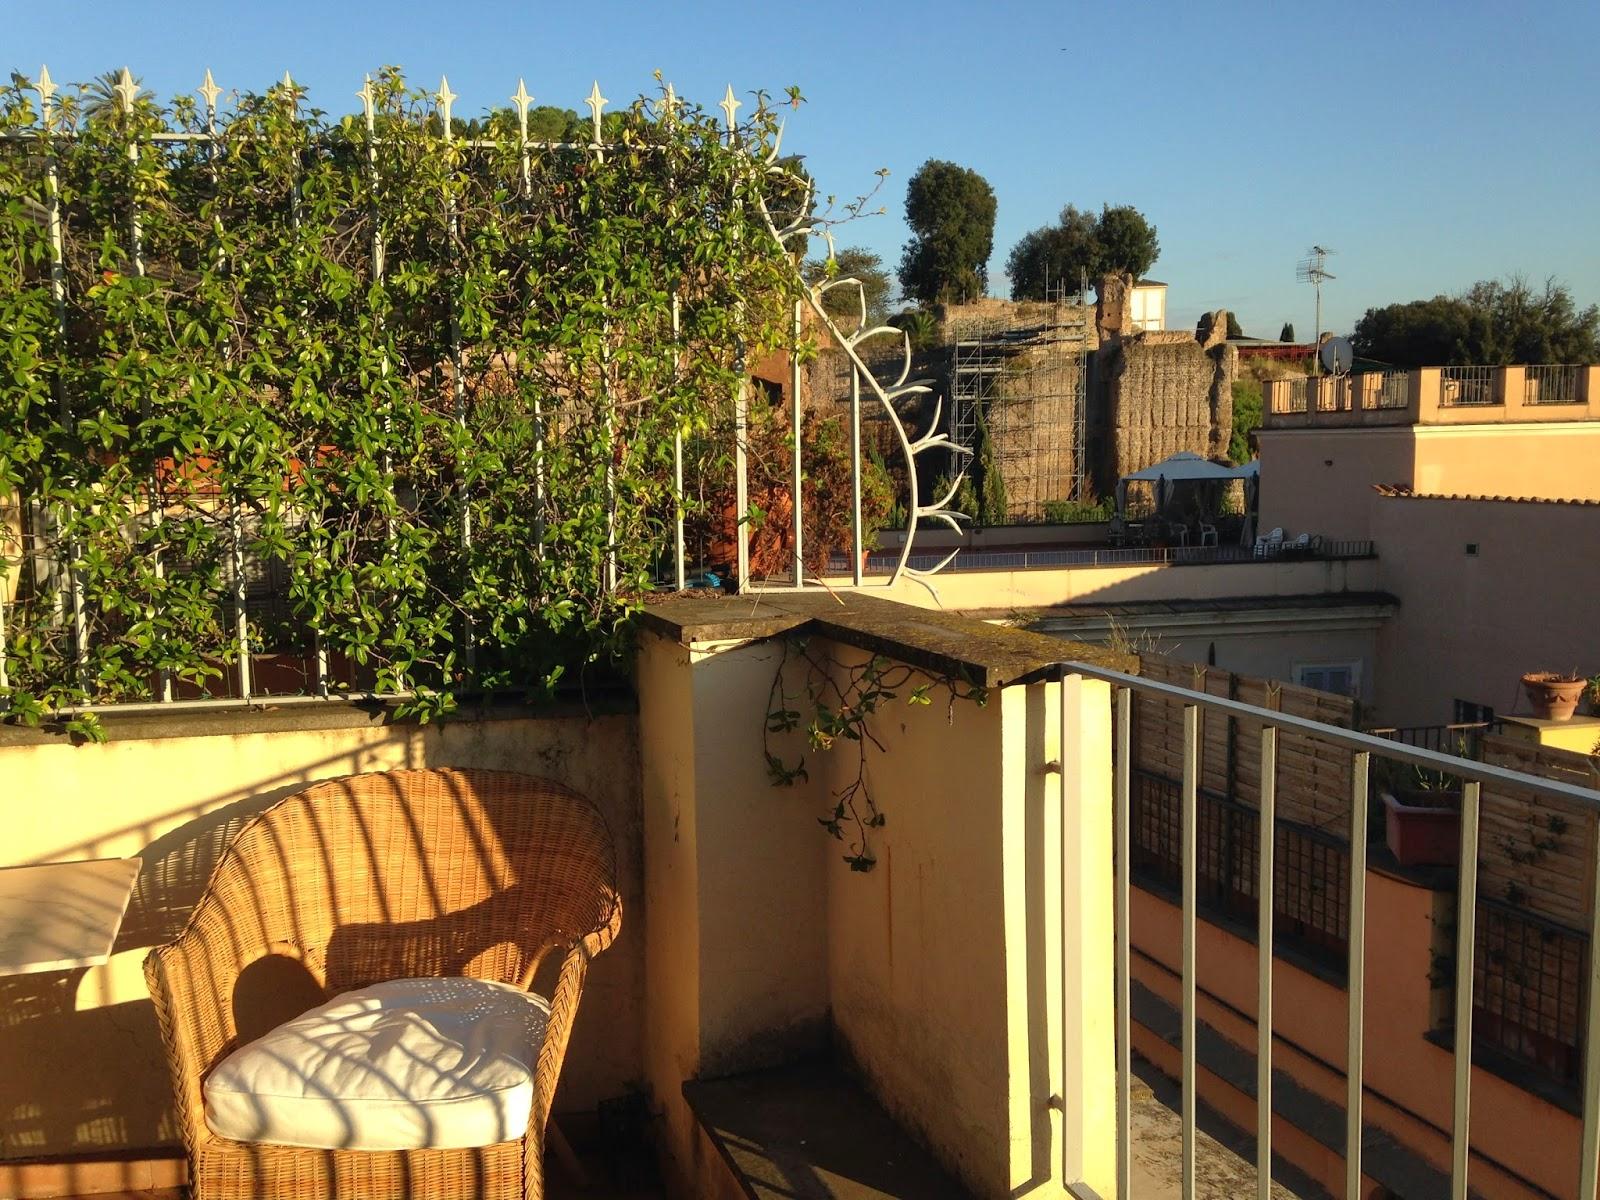 Den passionerade trädgårdsturisten: trädgårdsturisten funderar ...